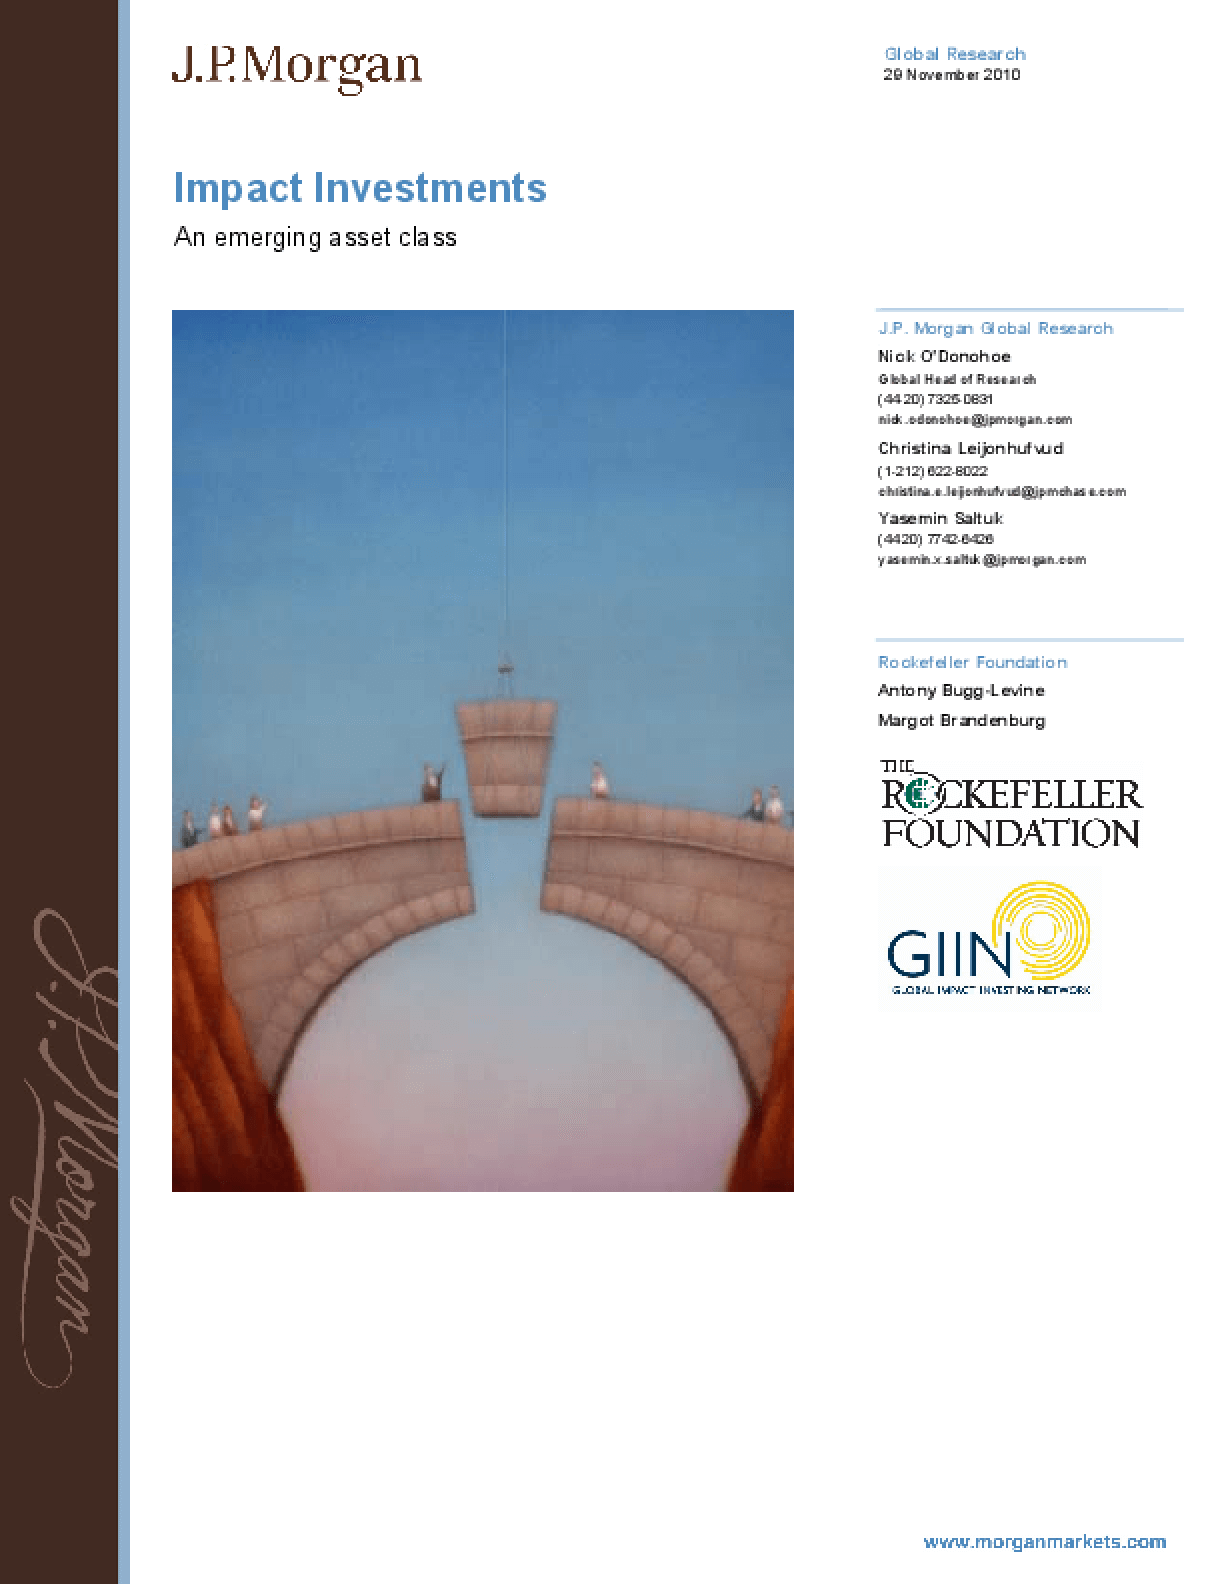 Impact Investments: An Emerging Asset Class